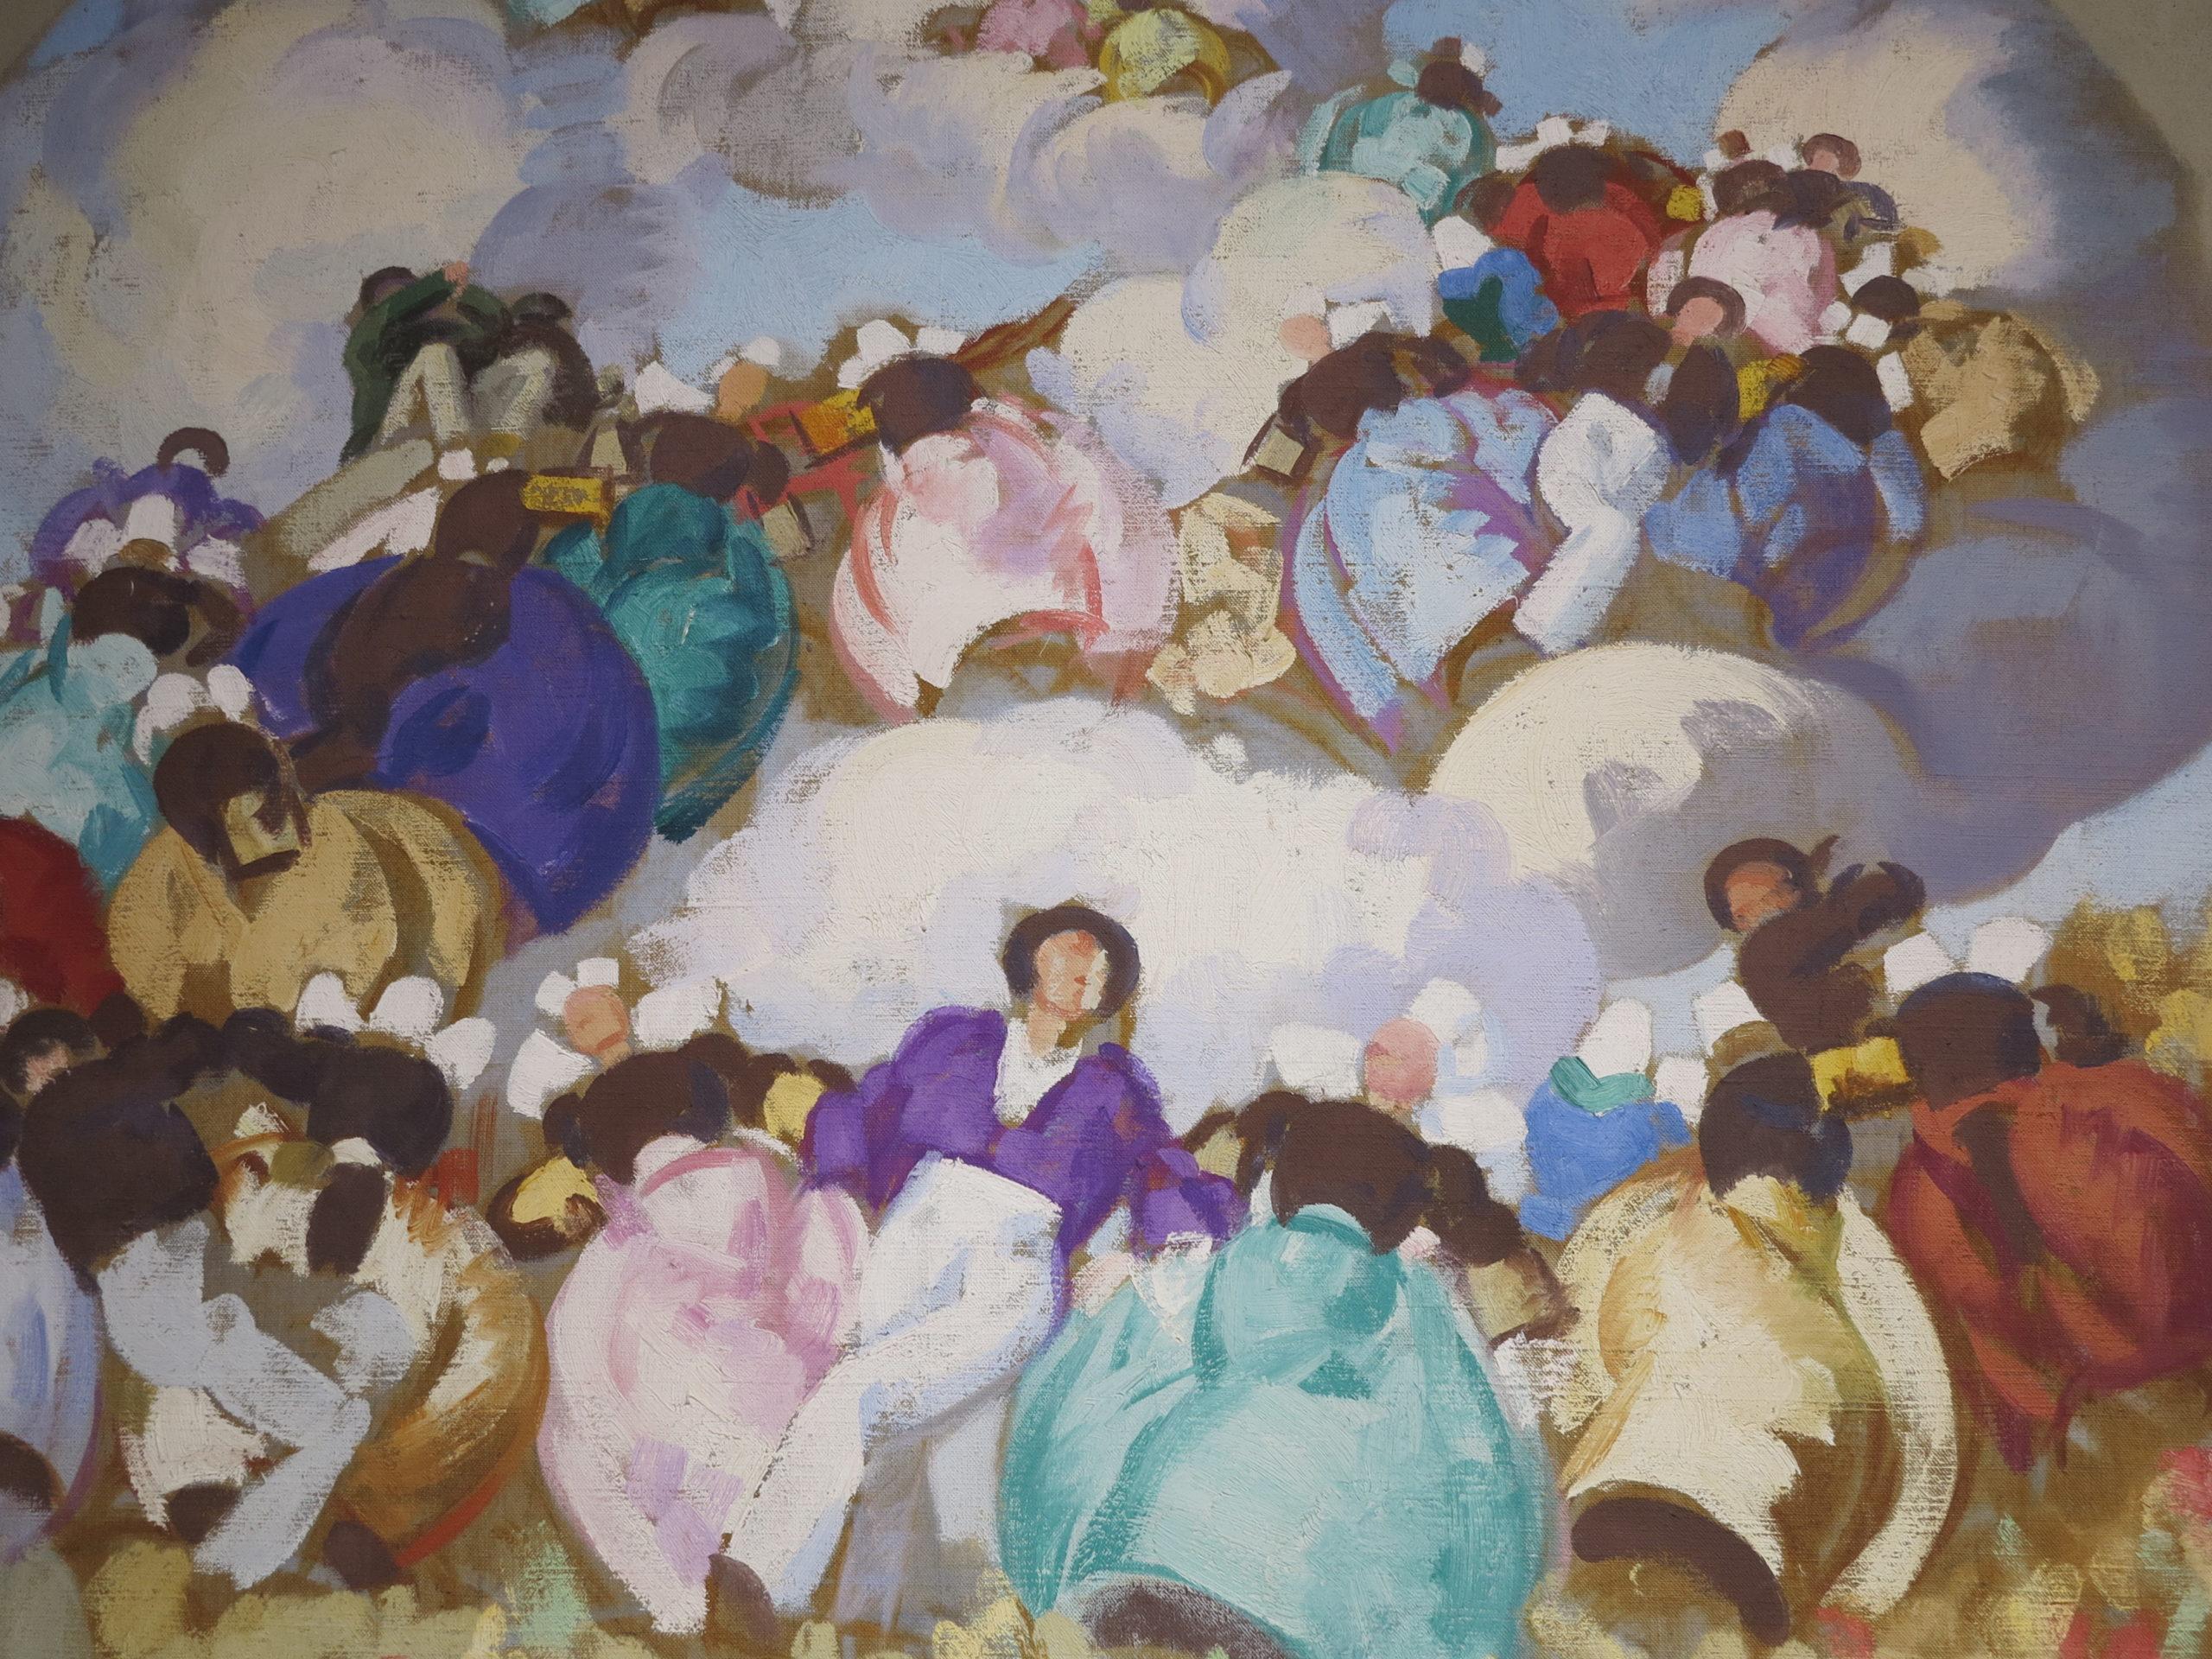 Etude pour le plafond du théâtre de Rennes, Jean-Julien Lemordant, vers 1913-1914, huile sur toile, Musée de Morlaix